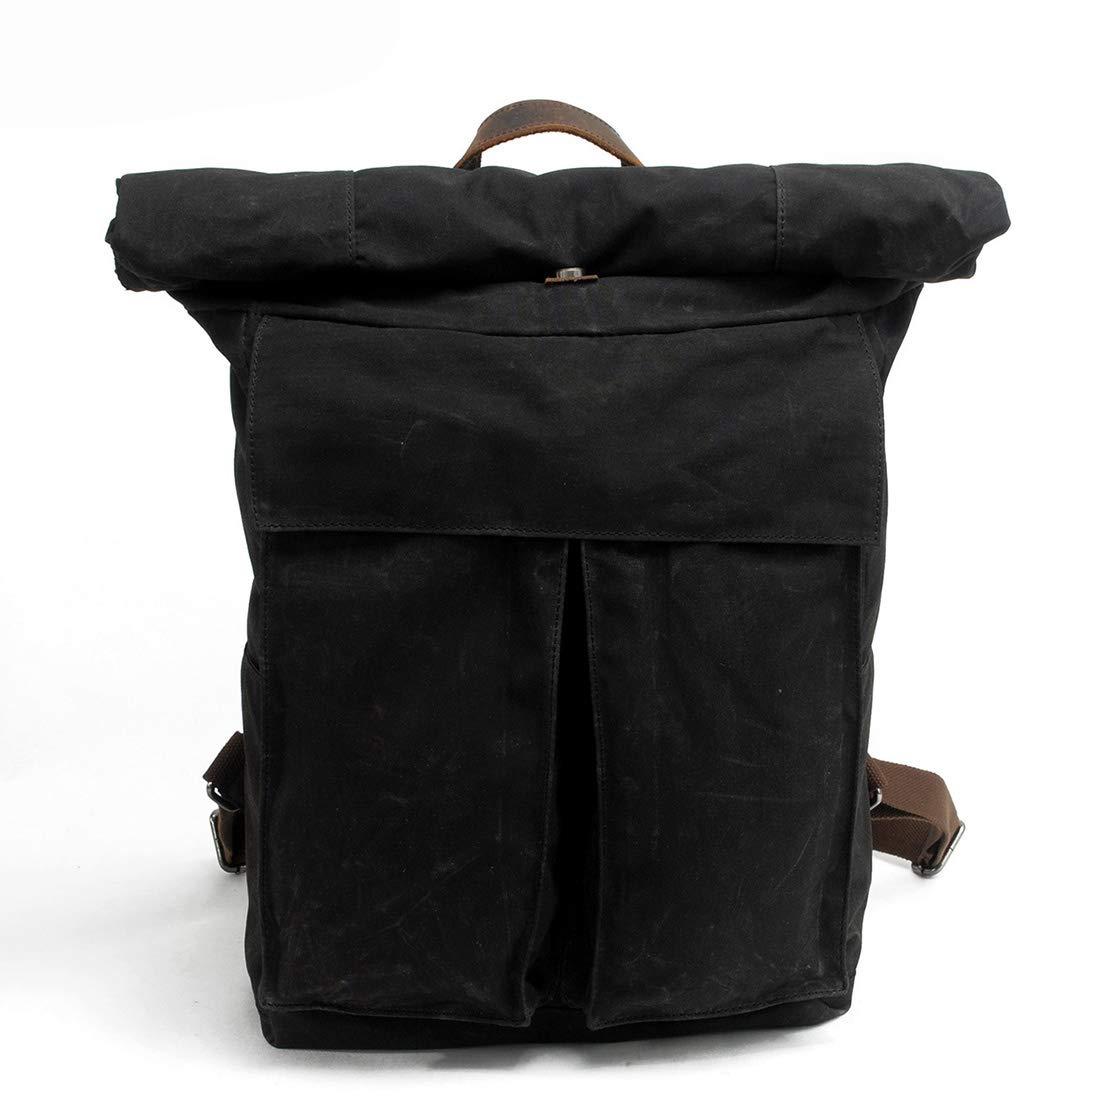 Vergeania 男性/女性バックパックデイパック防水ヴィンテージキャンバスパッケージカバータイプ学生アウトドアショッピングショルダーバッグ (色 : 黒)  黒 B07RTGPV4R